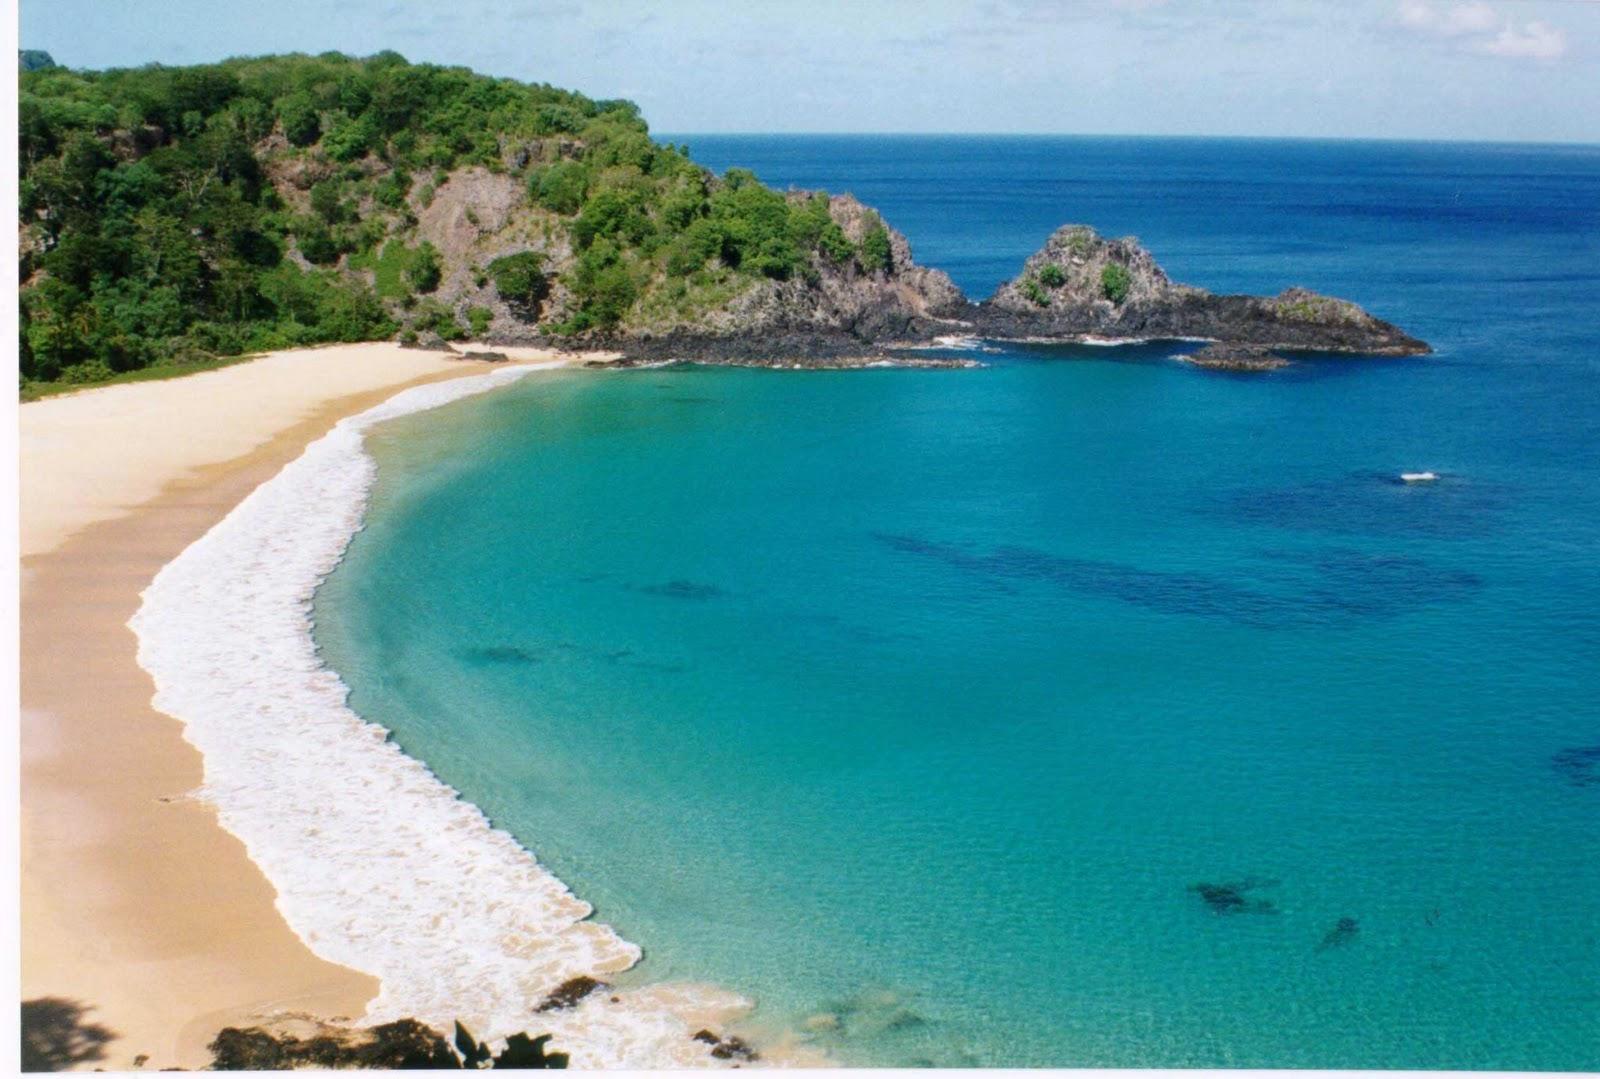 Baía do Sancho – Pernambuco